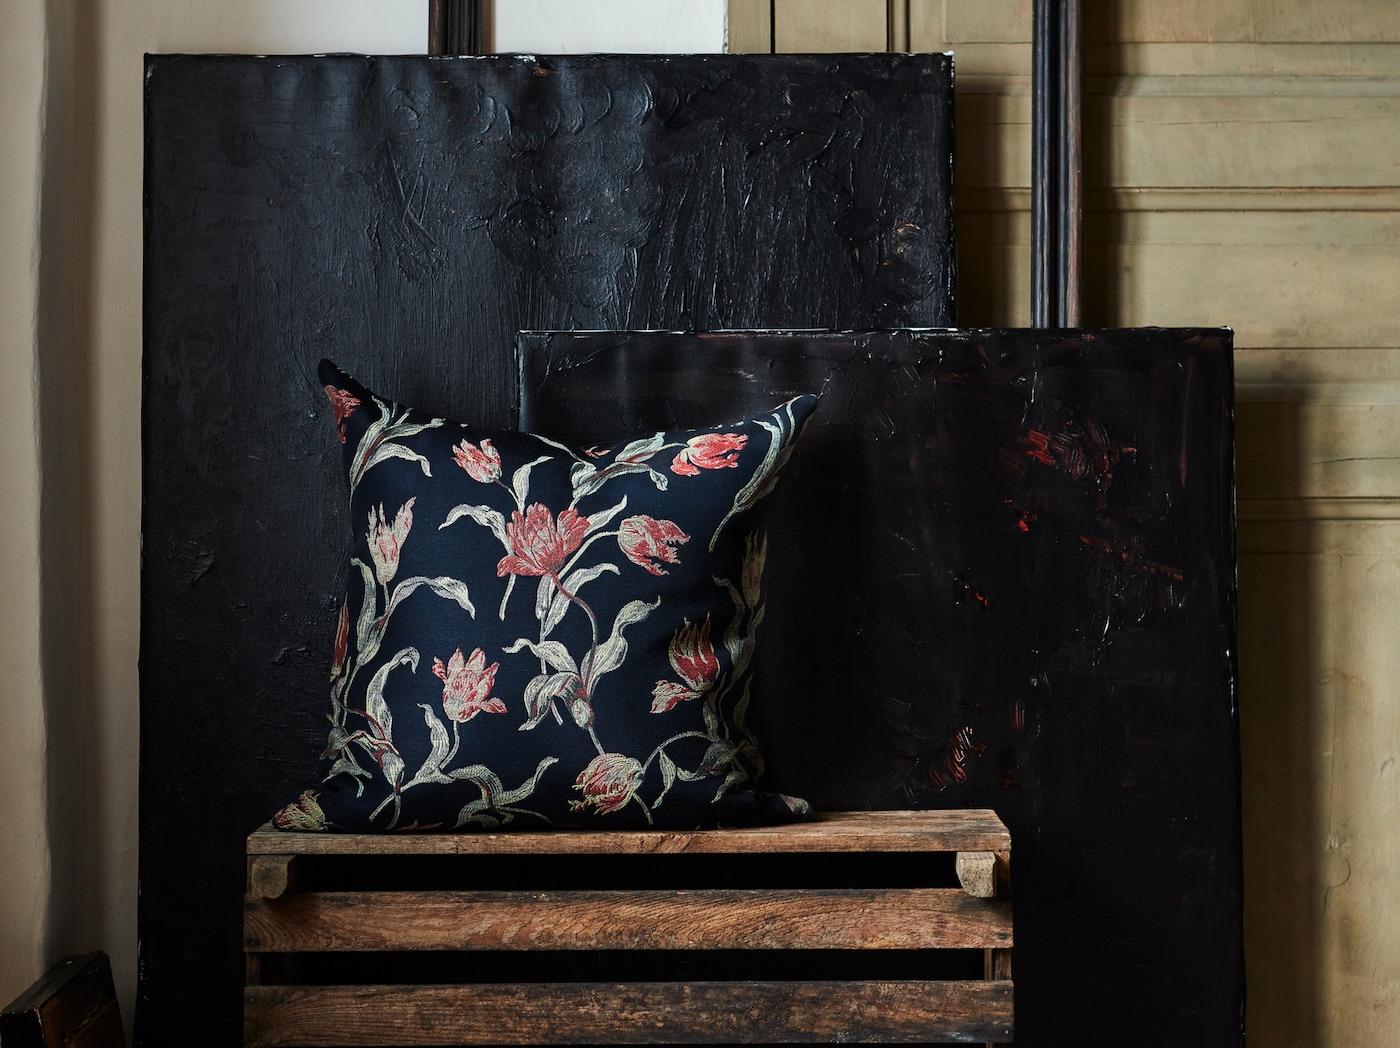 在一间昏暗的房间里,一个木板箱上摆放着手工刺绣的郁金香图案ÅLANDSROT 土木香 靠垫,后面是深蓝色的背景。